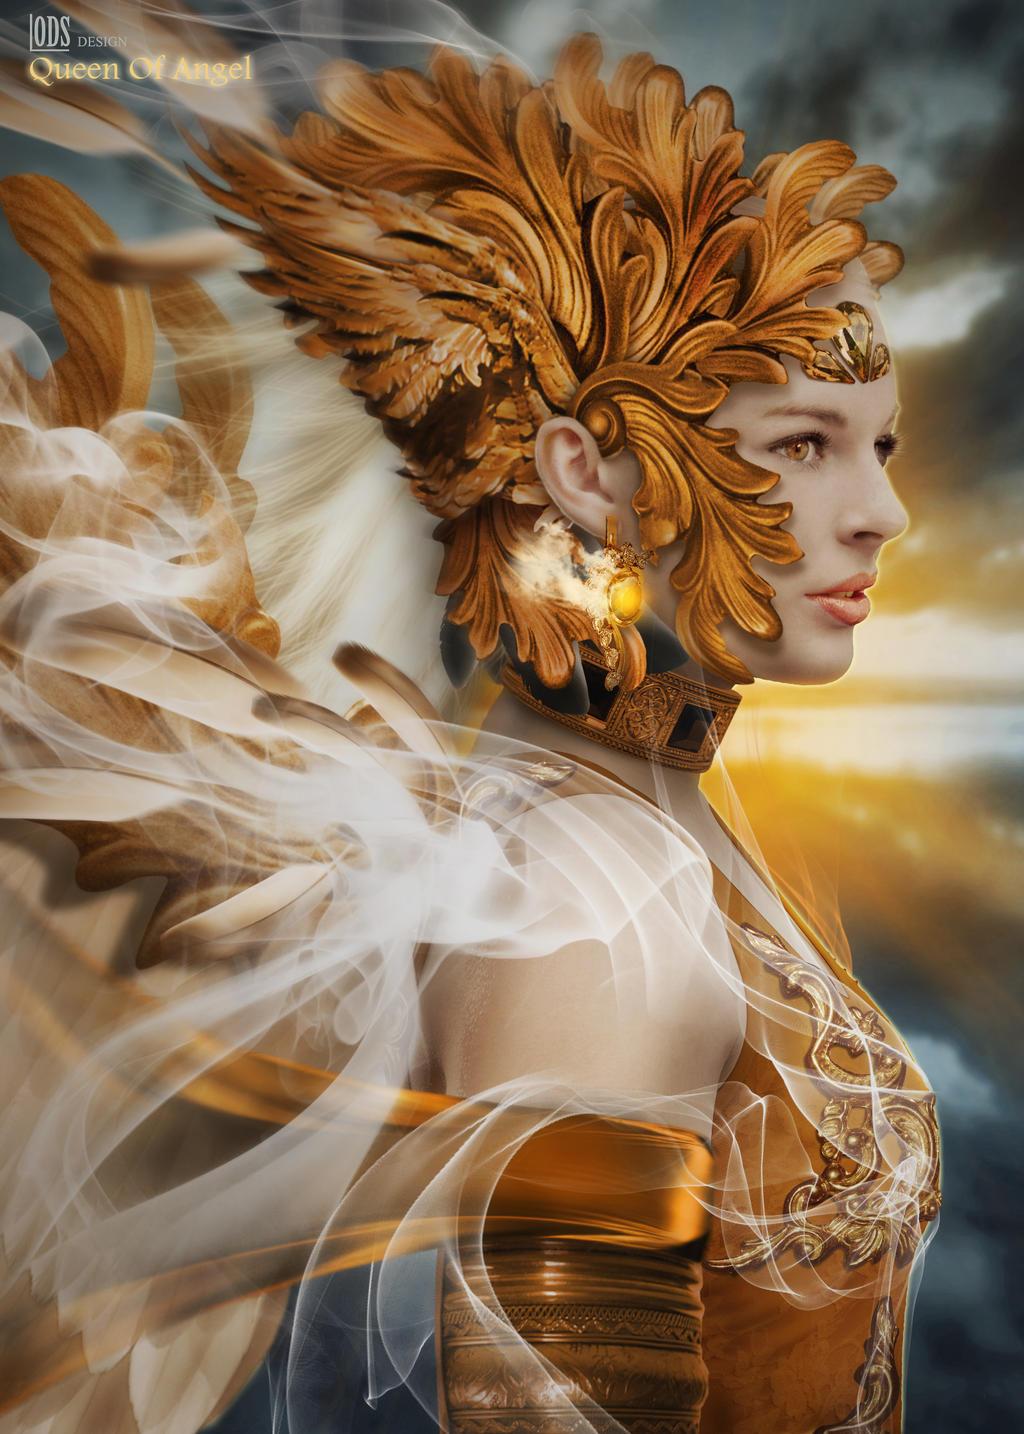 ANGEL QUEEN - Fashion | Dolce Luxury Magazine